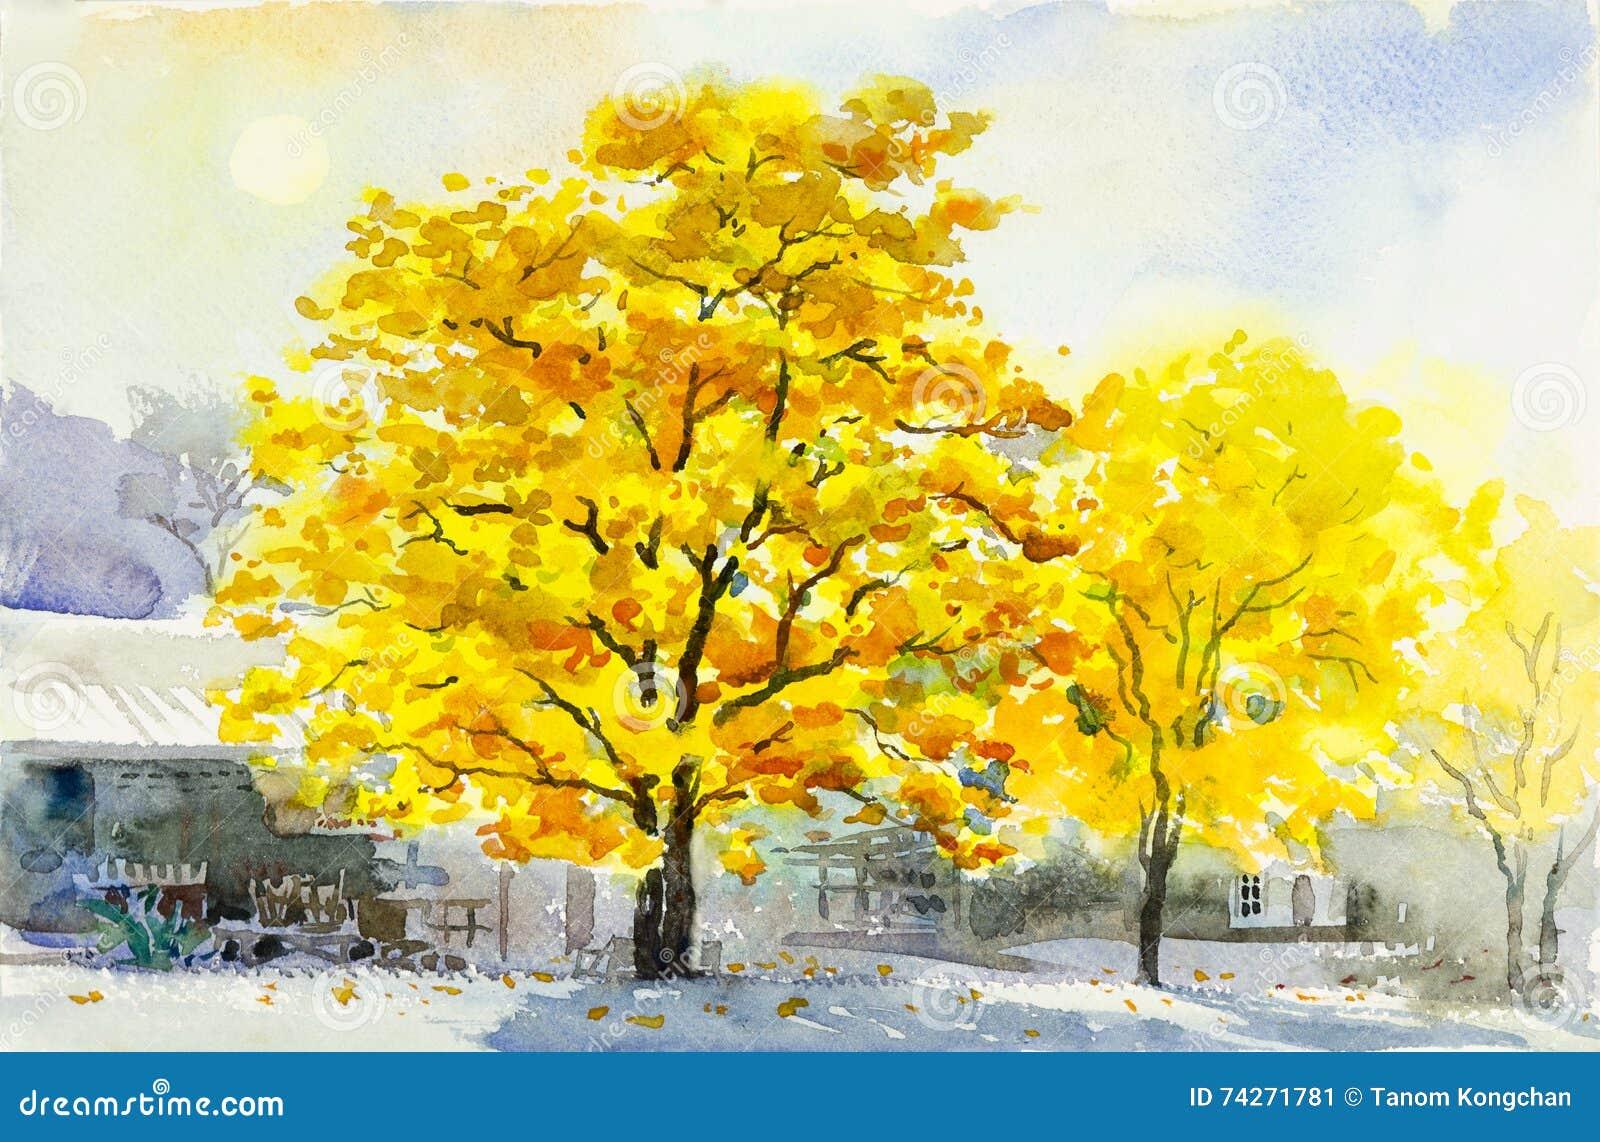 aquarelle peignant la couleur jaune originale de la fleur. Black Bedroom Furniture Sets. Home Design Ideas